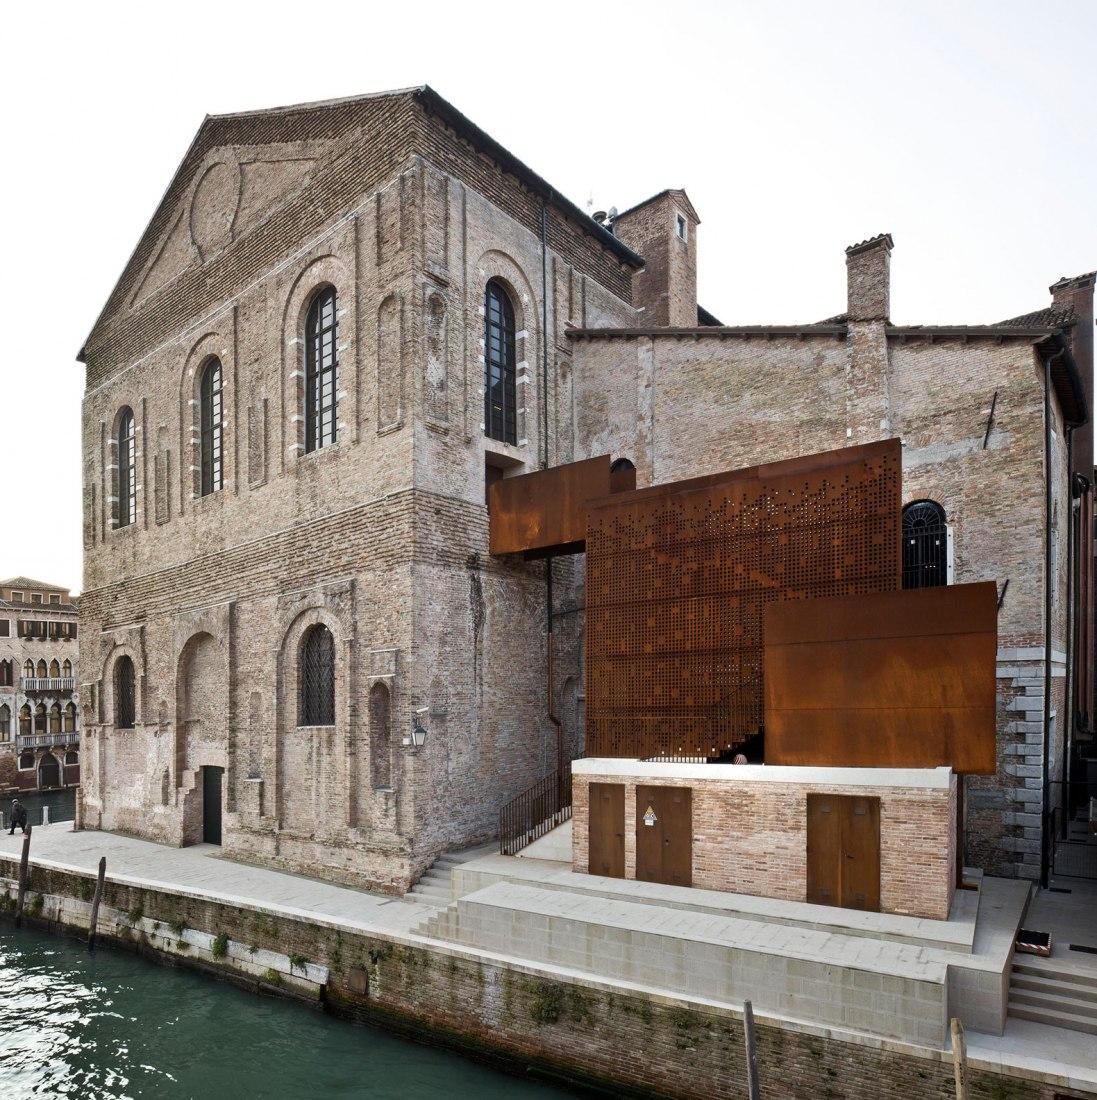 Vista desede el exterior. Imagen cortesía de Scuola Grande Della Misericordia di Venezia.